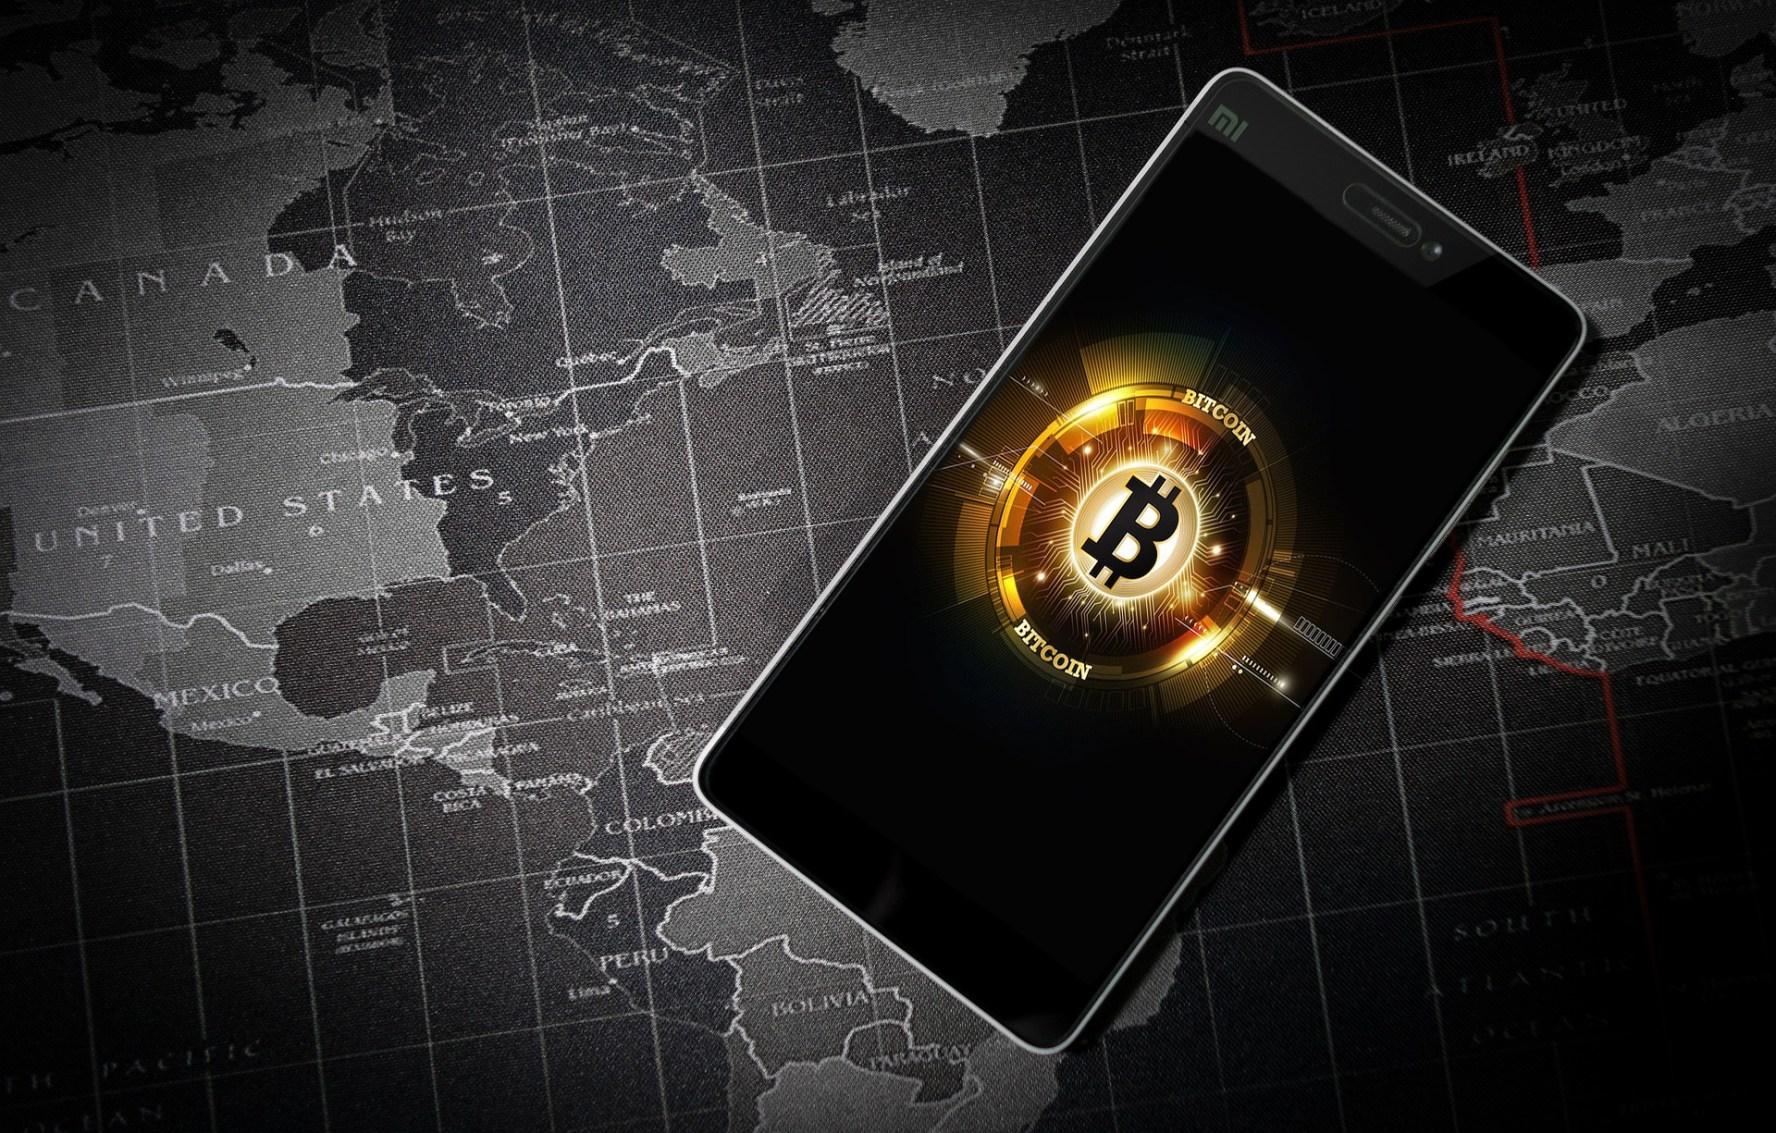 altcoin tirdzniecības latvija kriptovalūtas, kurās ieguldīt šodien kriptovalūtas ikdienas tirdzniecības apjoms